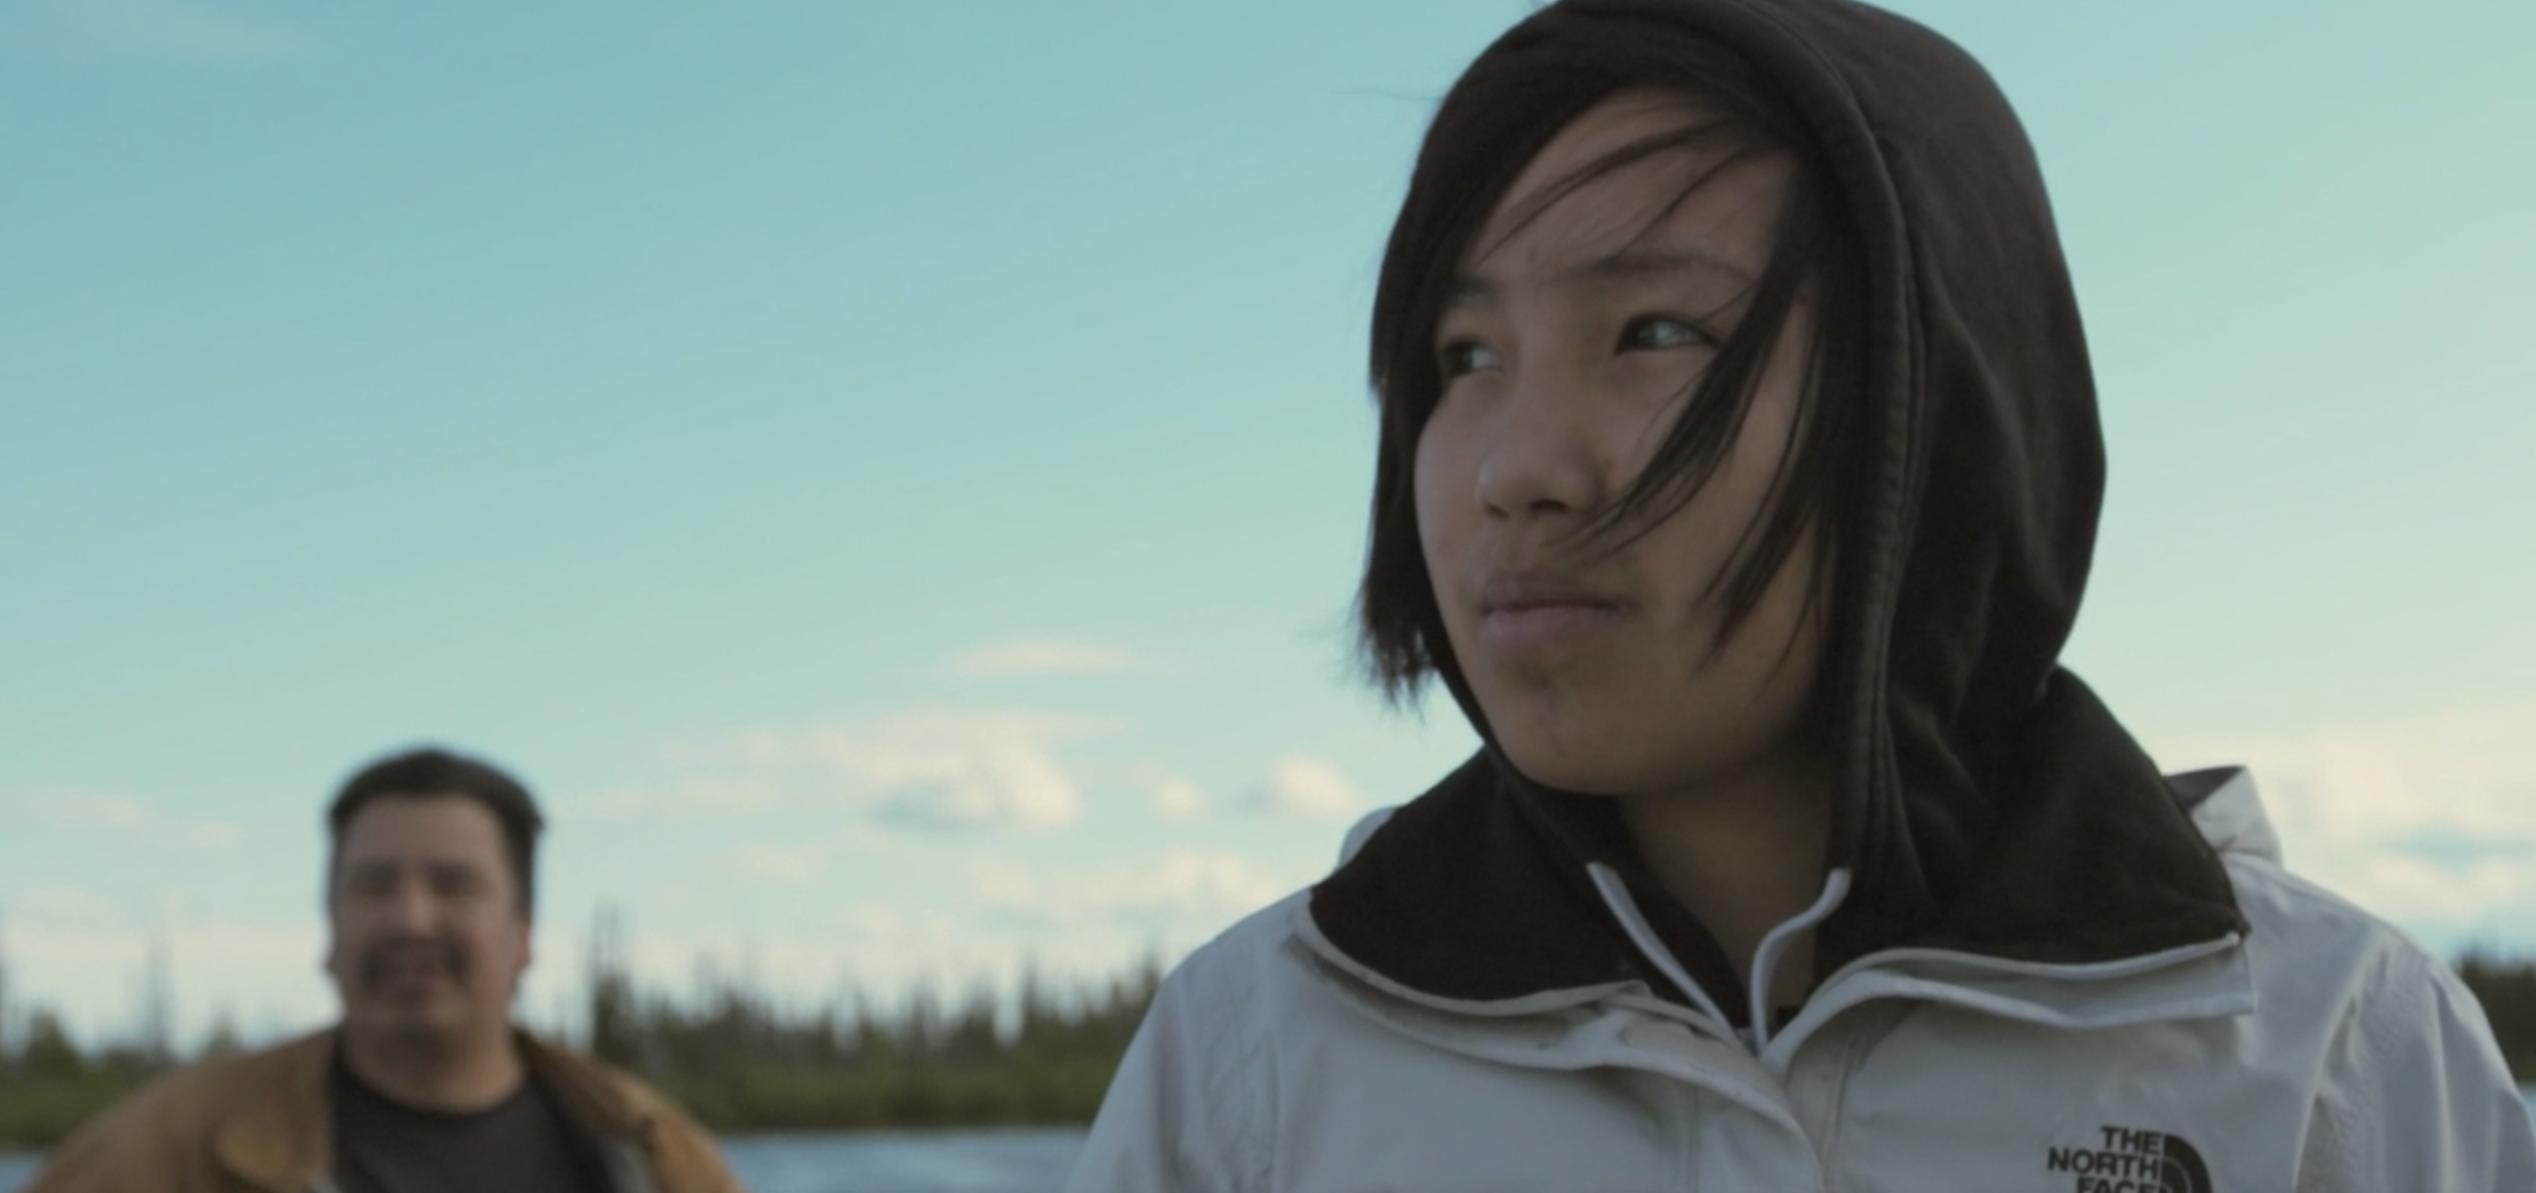 Still from short film, Hard Learning.